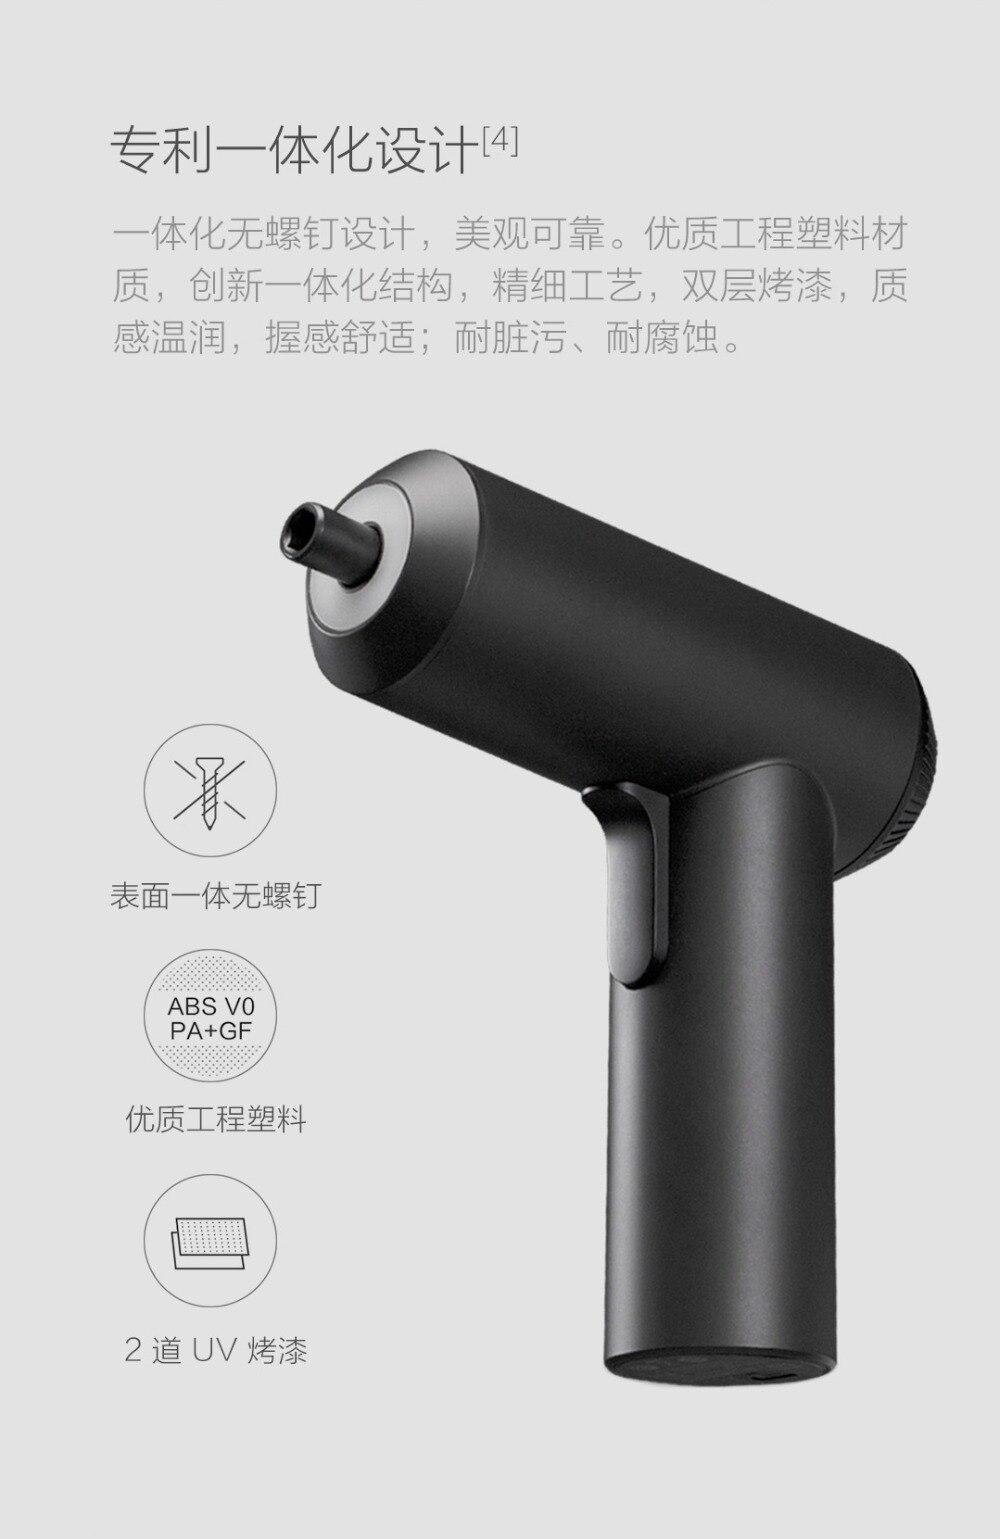 Xiaomi Mijia Electric Screwdriver (12)